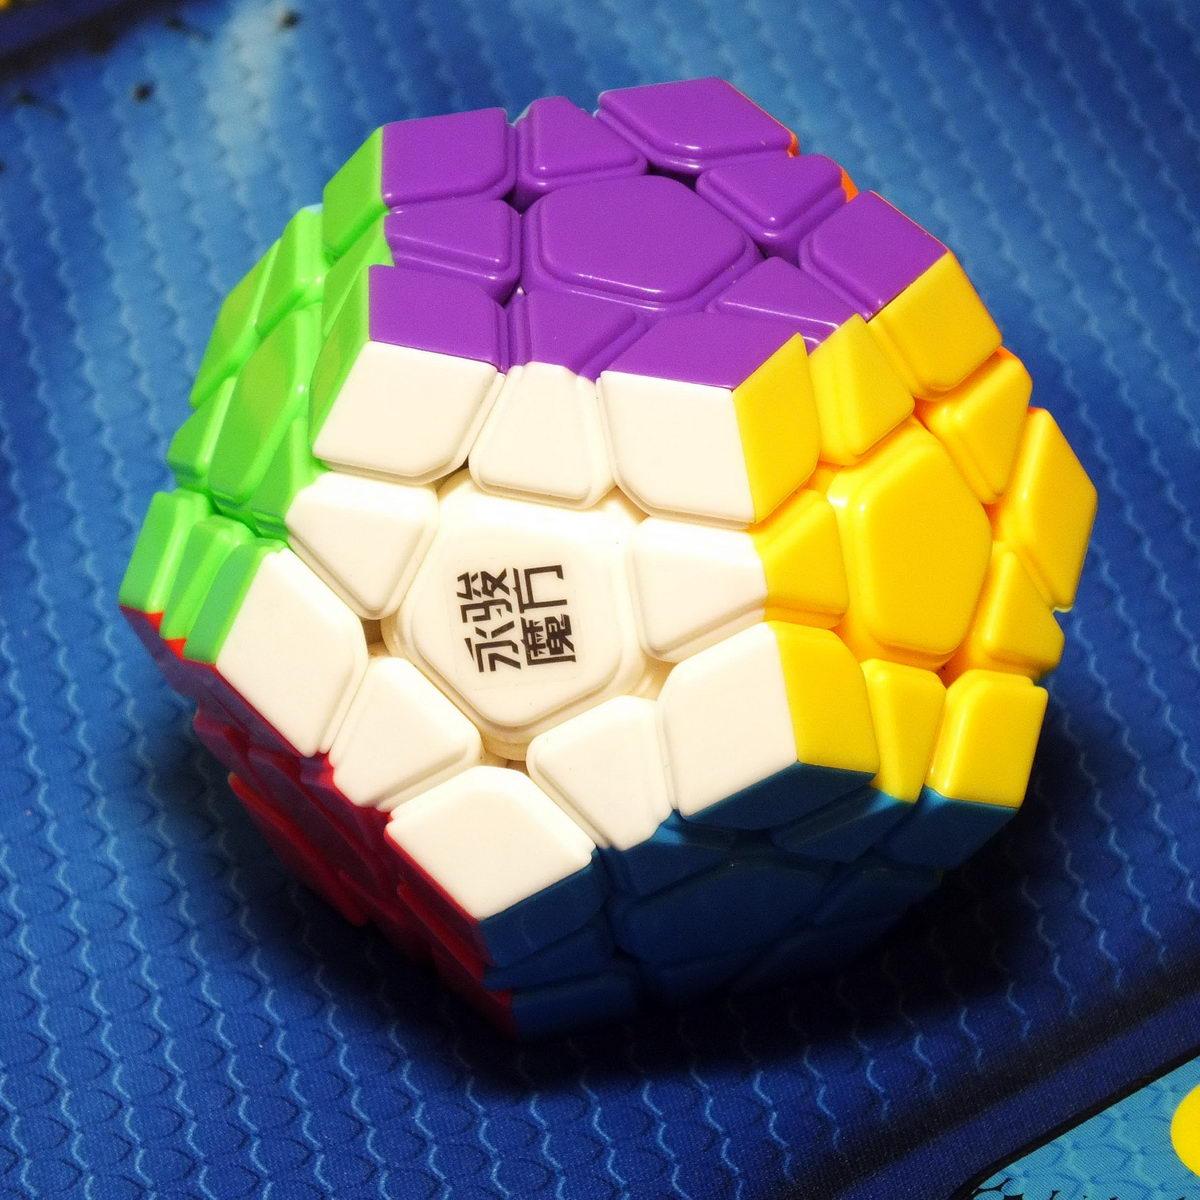 Moyu YuHu Megaminx stickerless